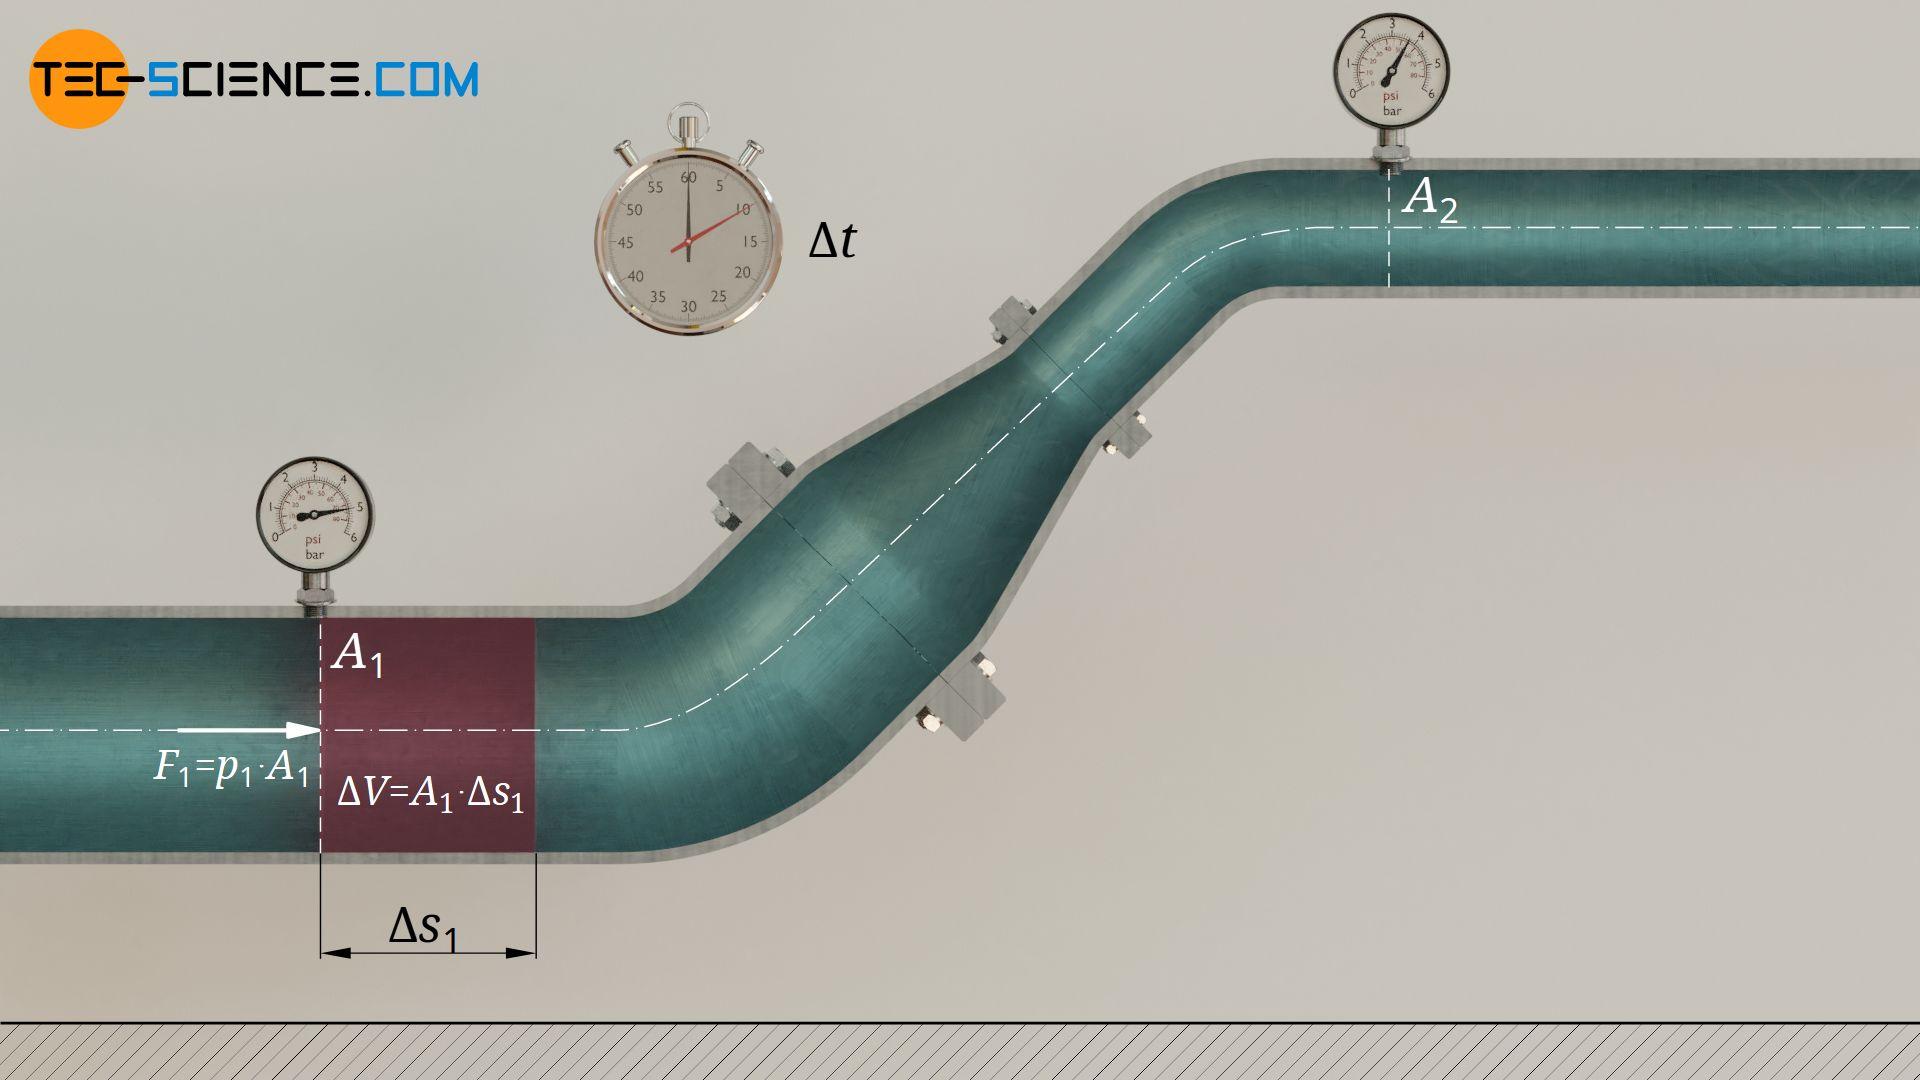 Energie mit der ein Fluidvolumen aufgrund des statischen Drucks in den Rohrabschnitt eingeschoben wird